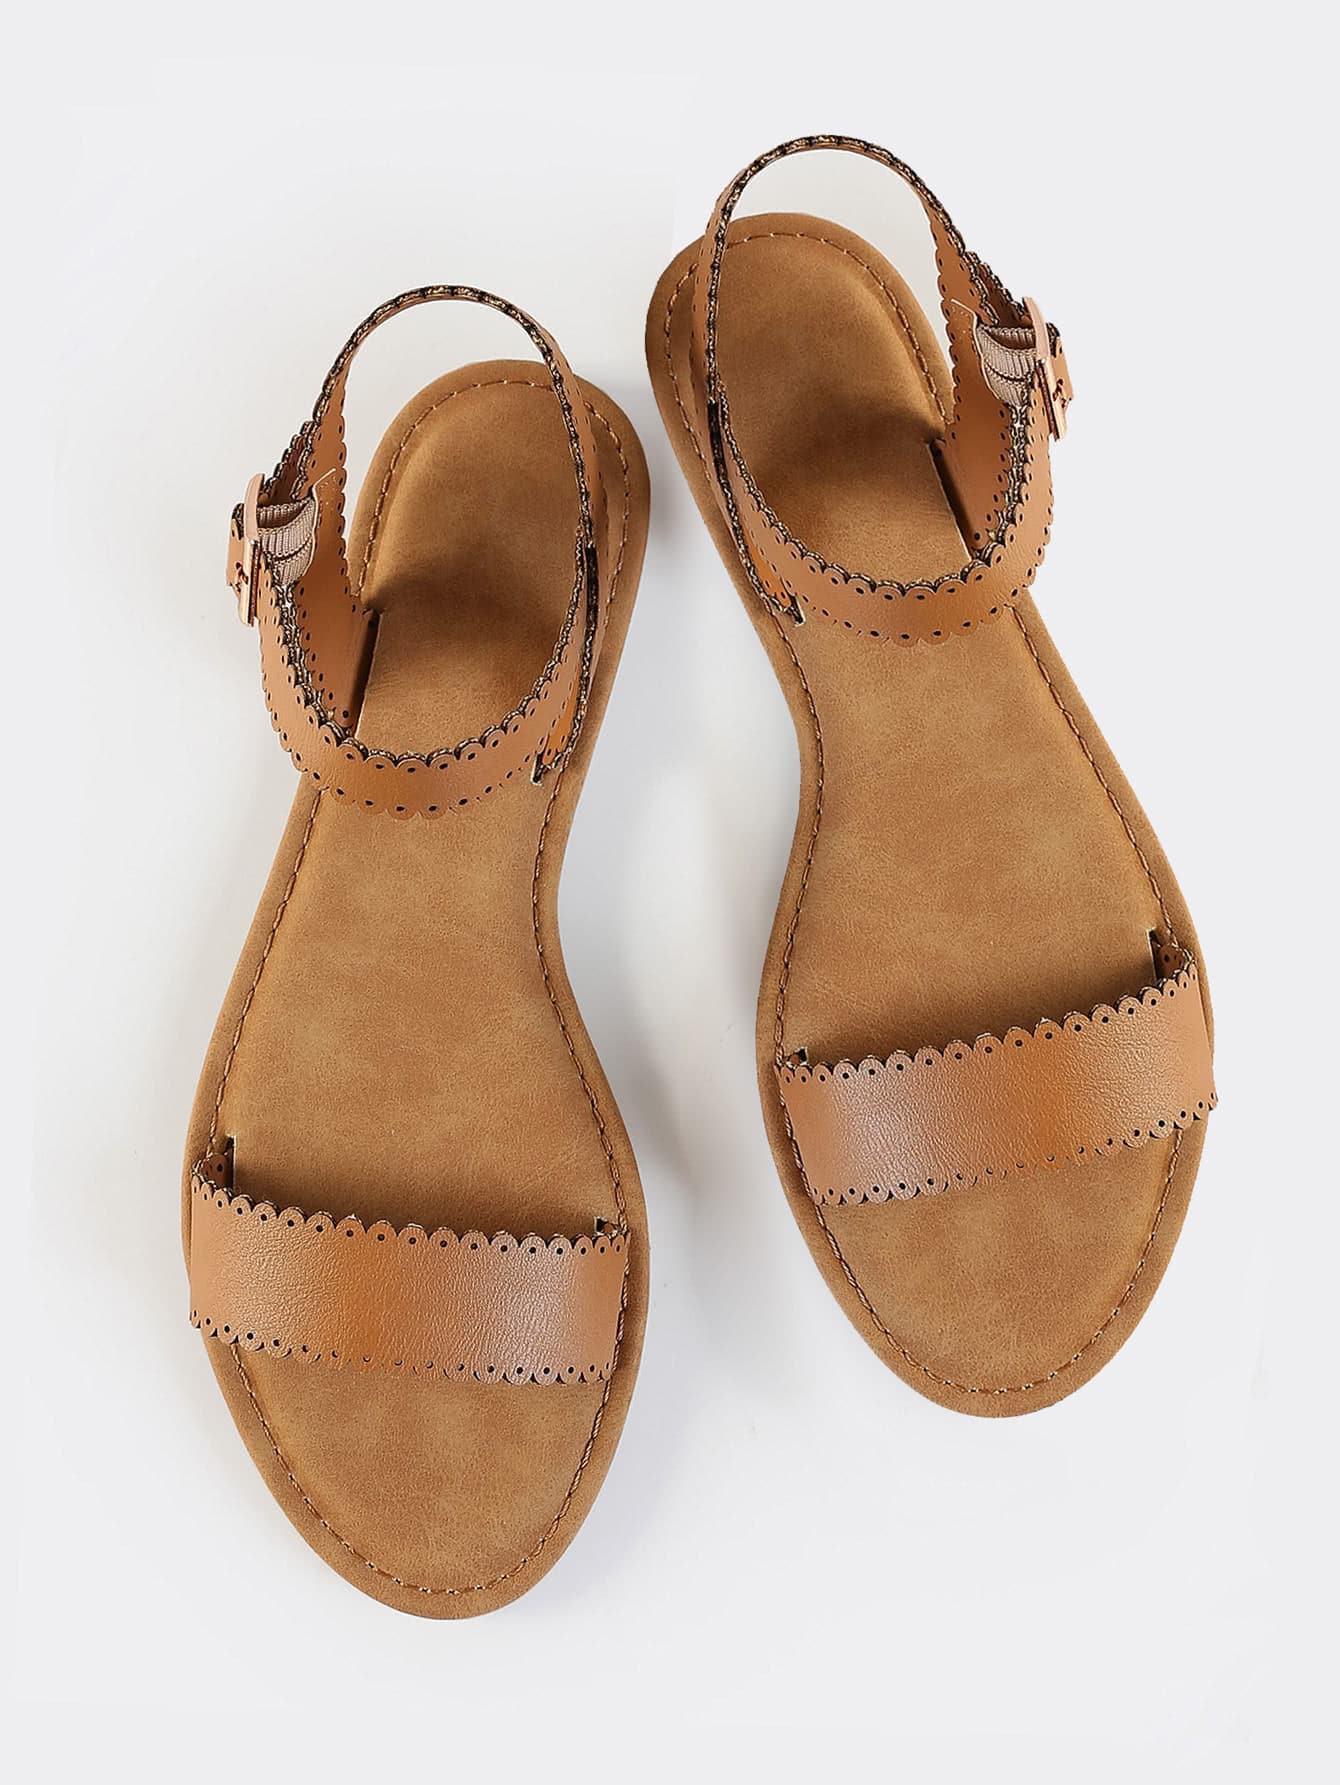 Num  Shoes In Uk